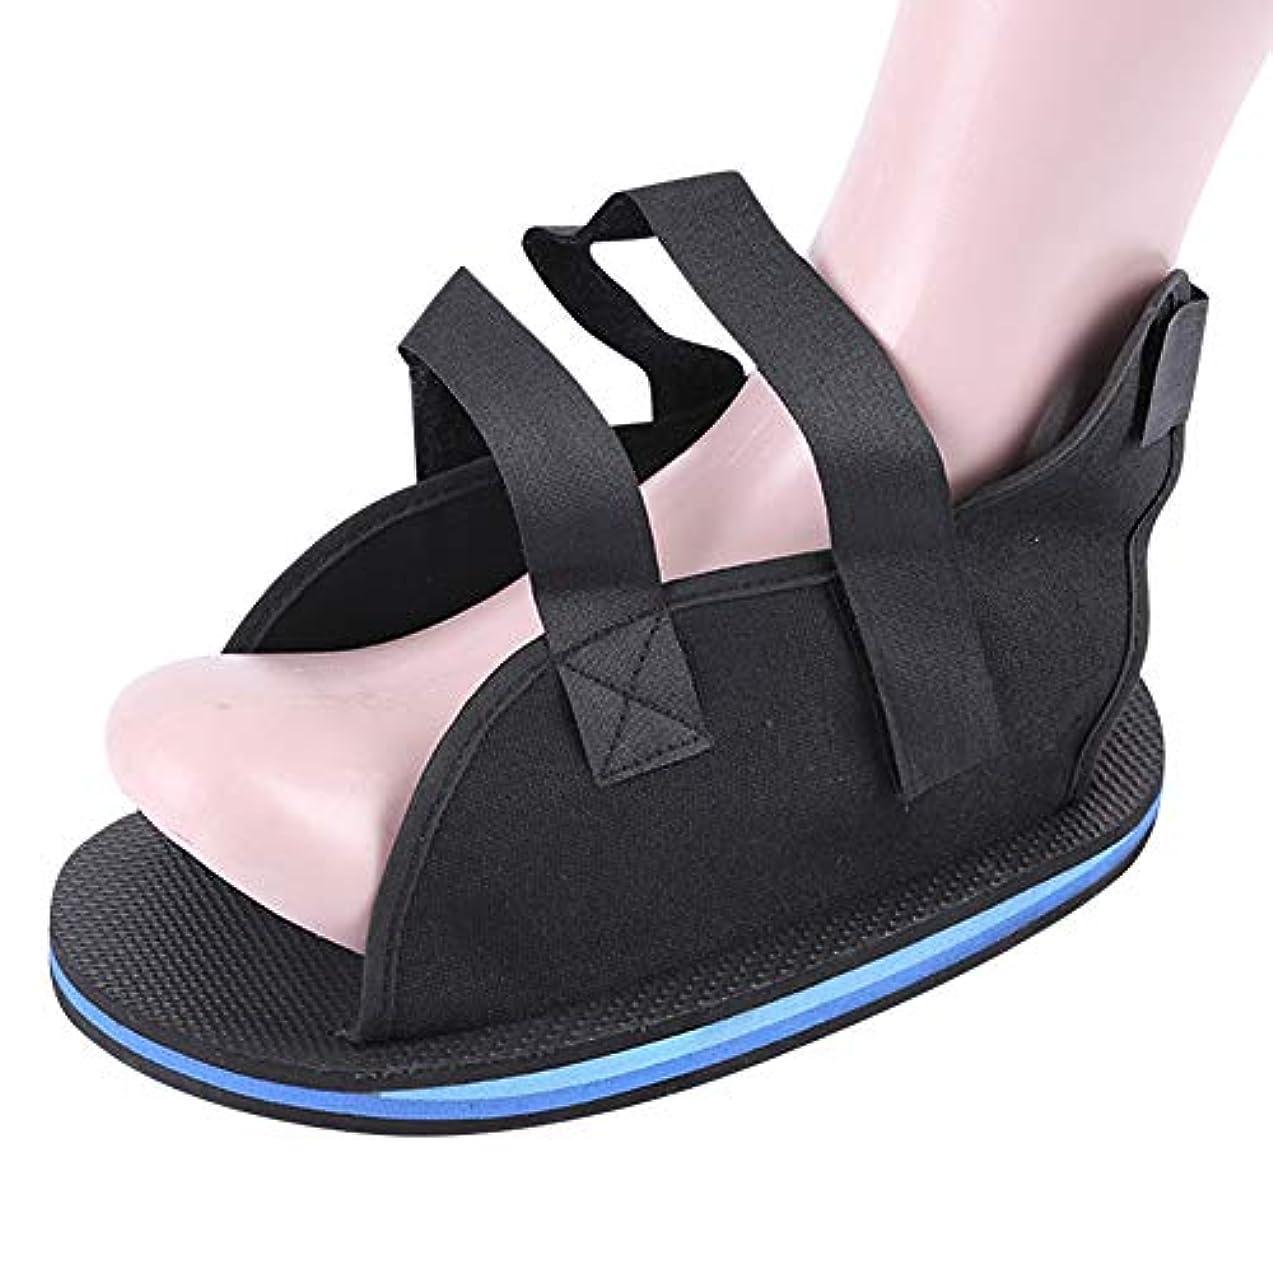 雪だるま集まる返還uirendjsf 術後石膏靴 - 石膏靴 足骨折 靴カバー 保護足 リハビリテーション 手術靴